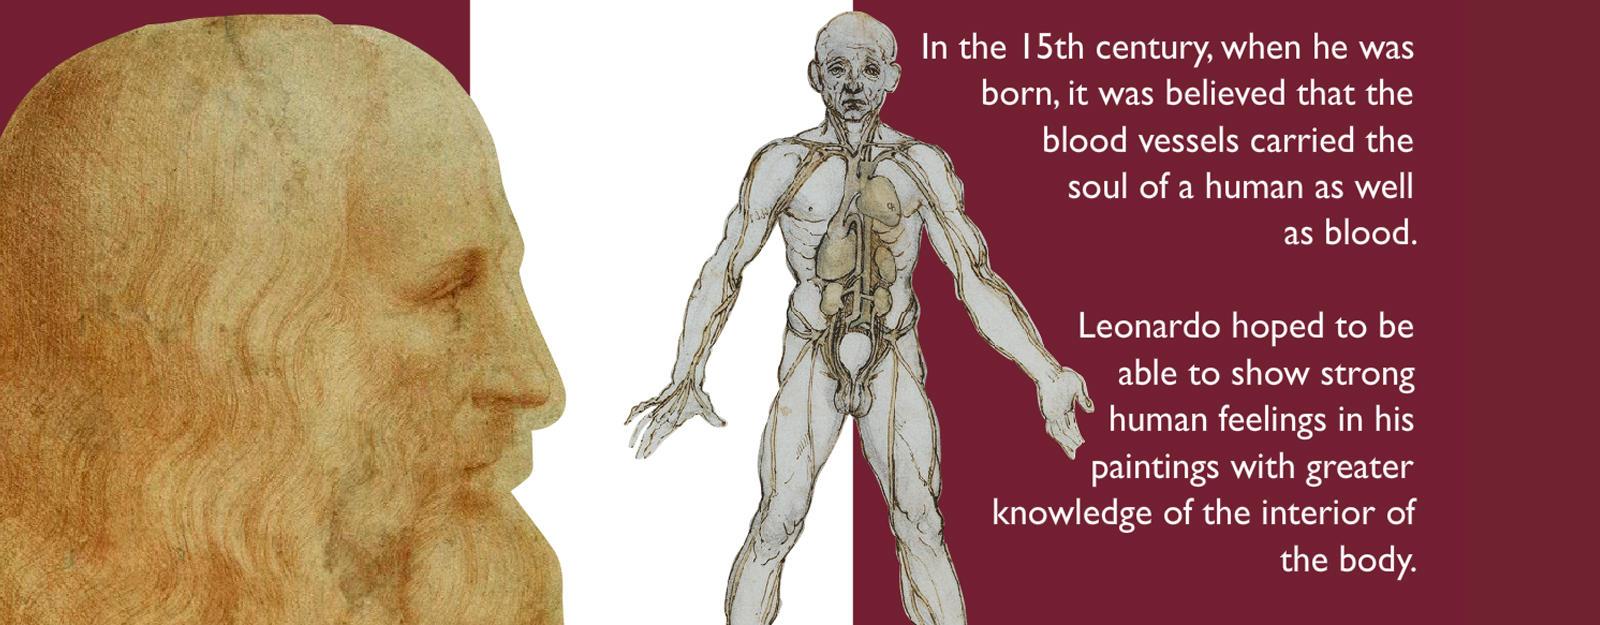 Have a Heart: Leonardo da Vinci activity banner